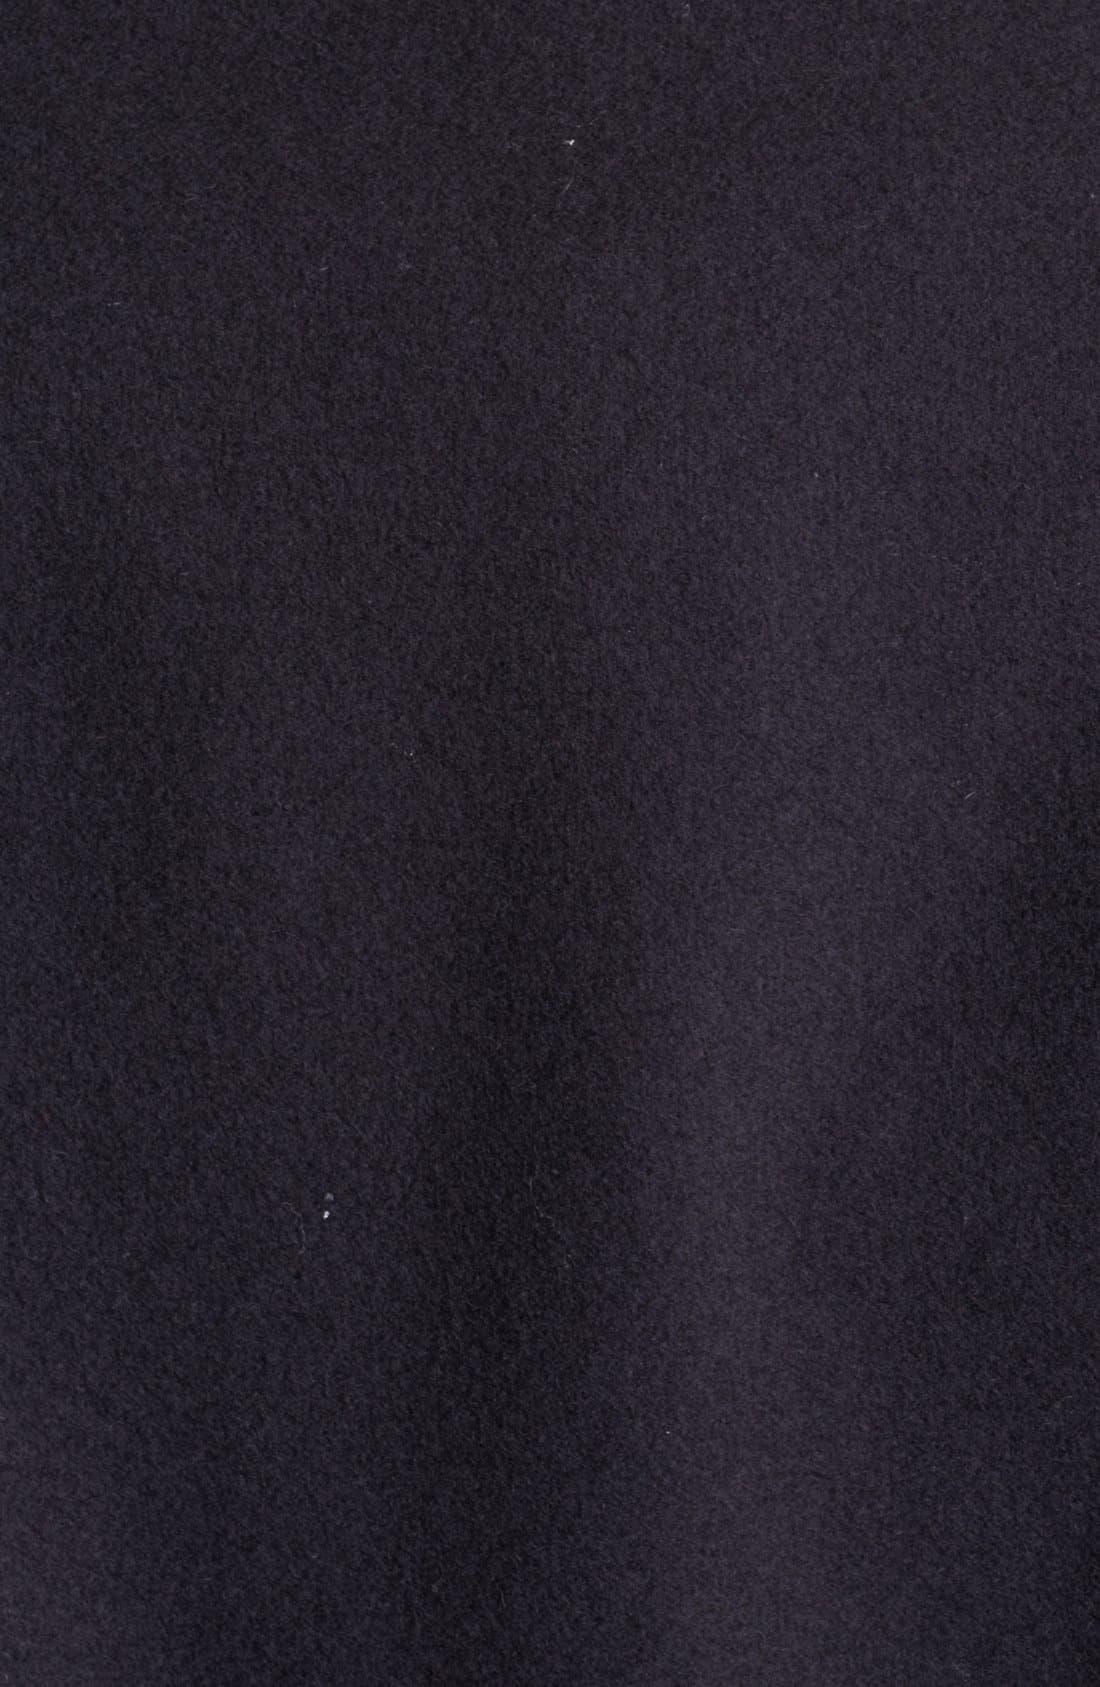 Alternate Image 3  - rag & bone 'Bastion' Baseball Jacket with Leather Sleeves